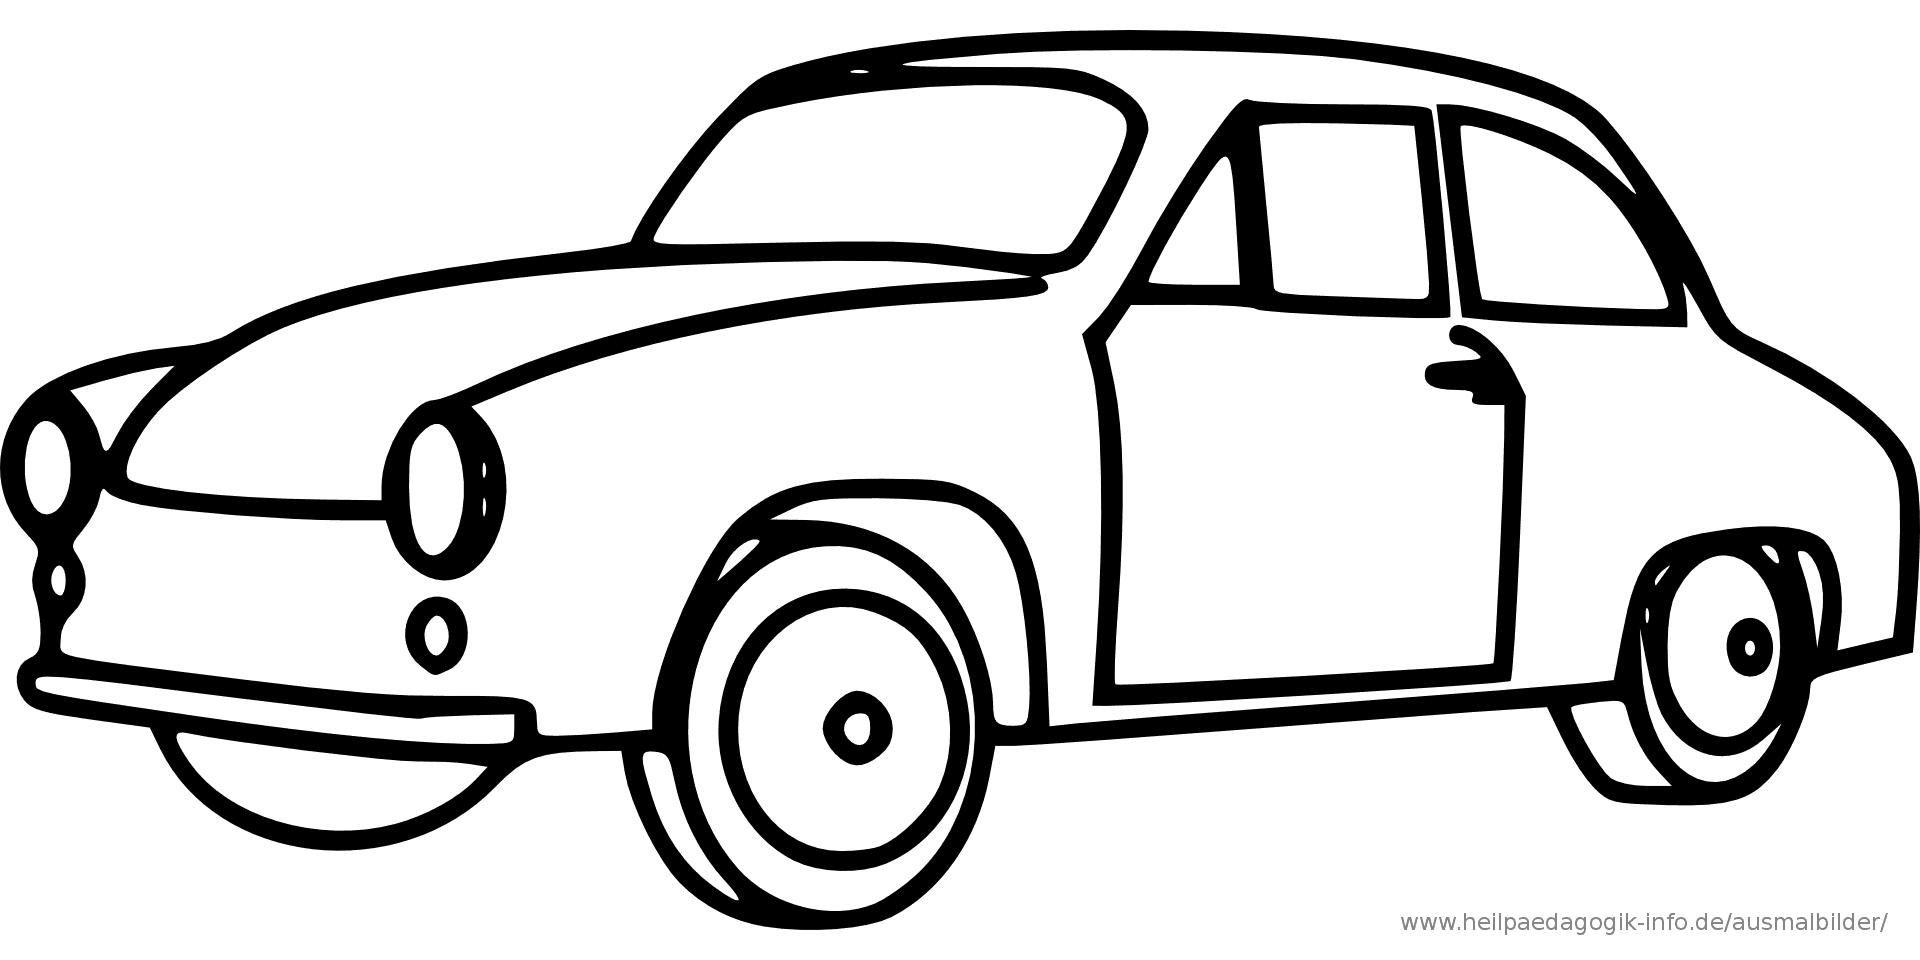 ausmalbilder autos 05 | ausmalbilder | Pinterest